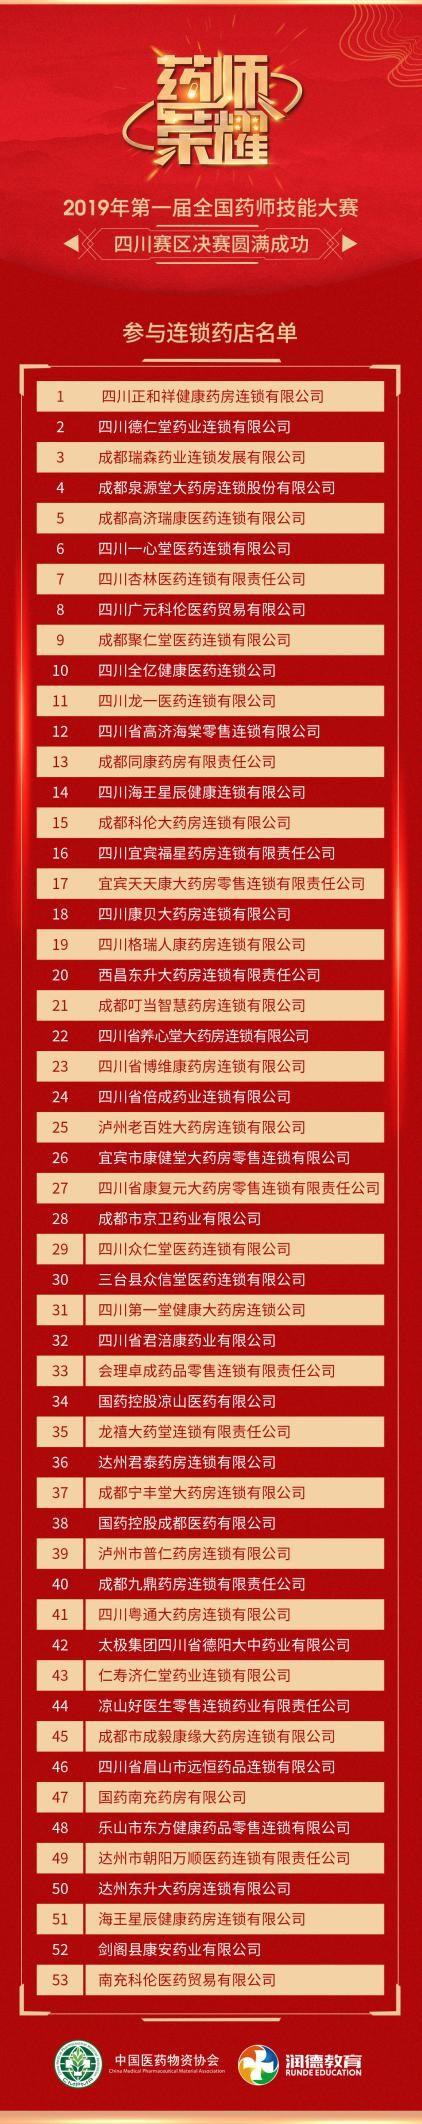 """05(5刘 网 0912际恒)川蜀药师竞技显身手,""""药师荣耀""""第一届全国药师技能大赛四川赛区决赛隆重开赛配图    参与连锁药店名单.jpeg"""